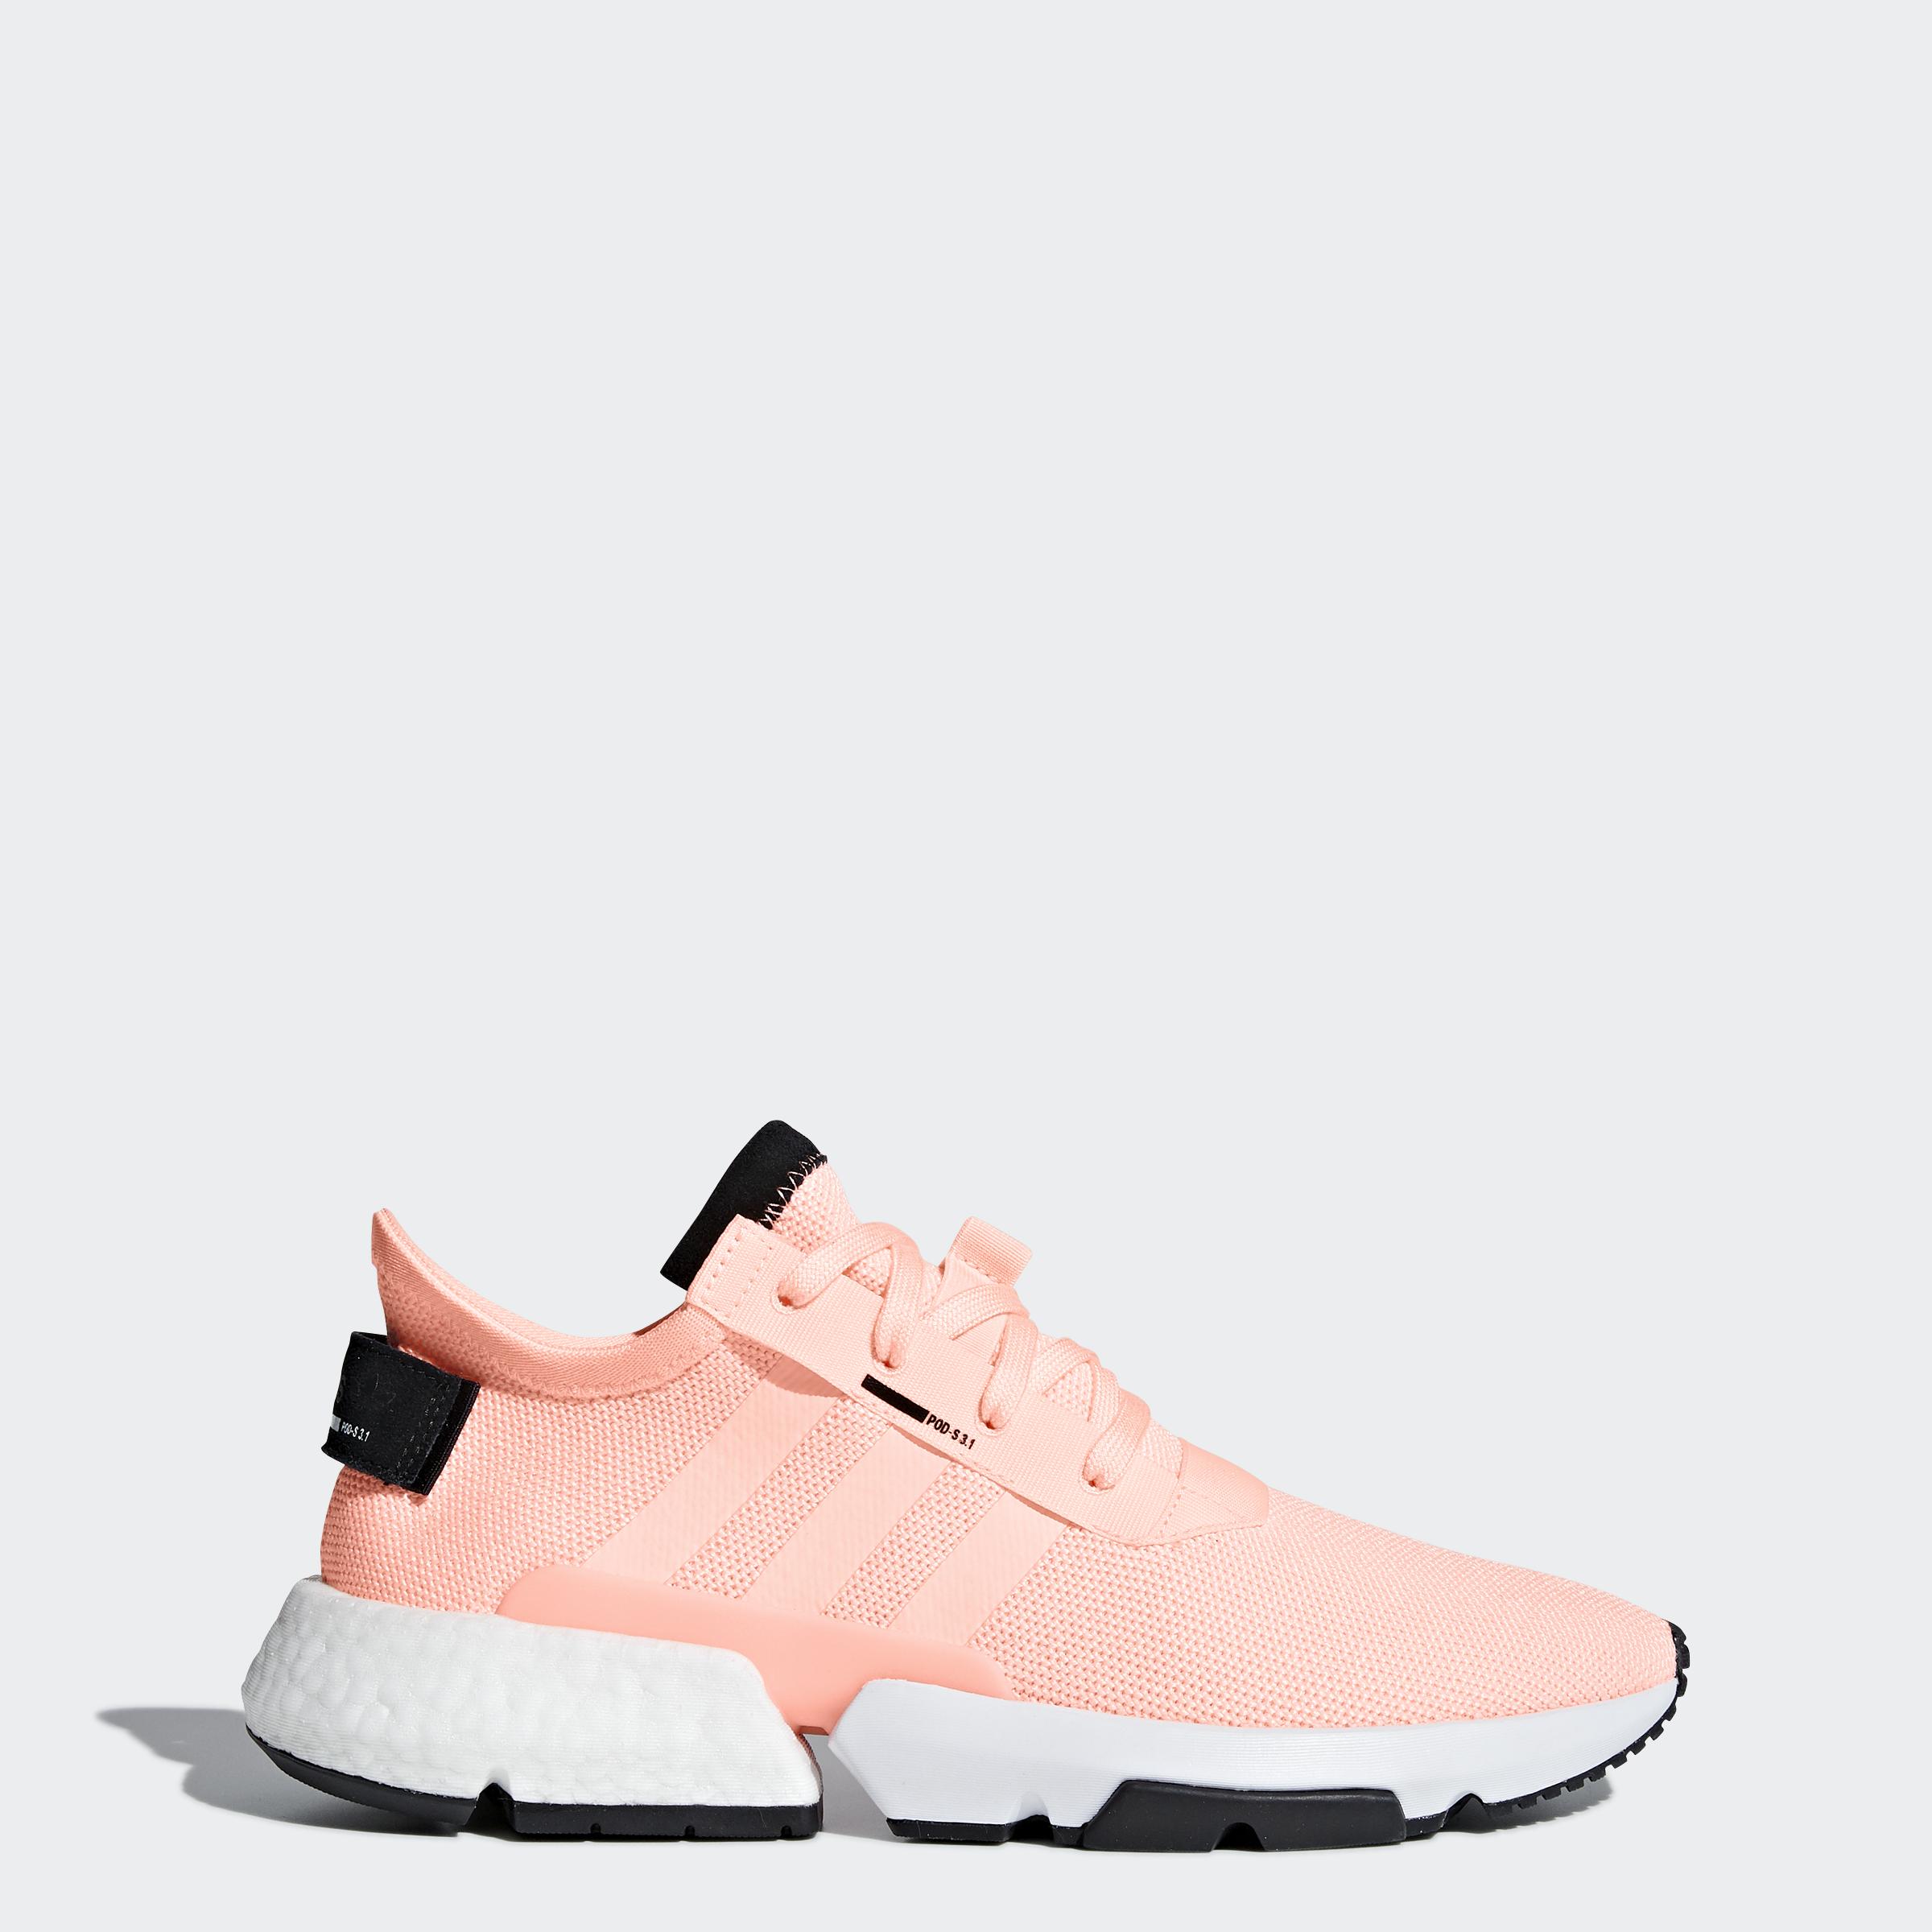 adidas-Originals-POD-S3-1-Shoes-Men-039-s thumbnail 19